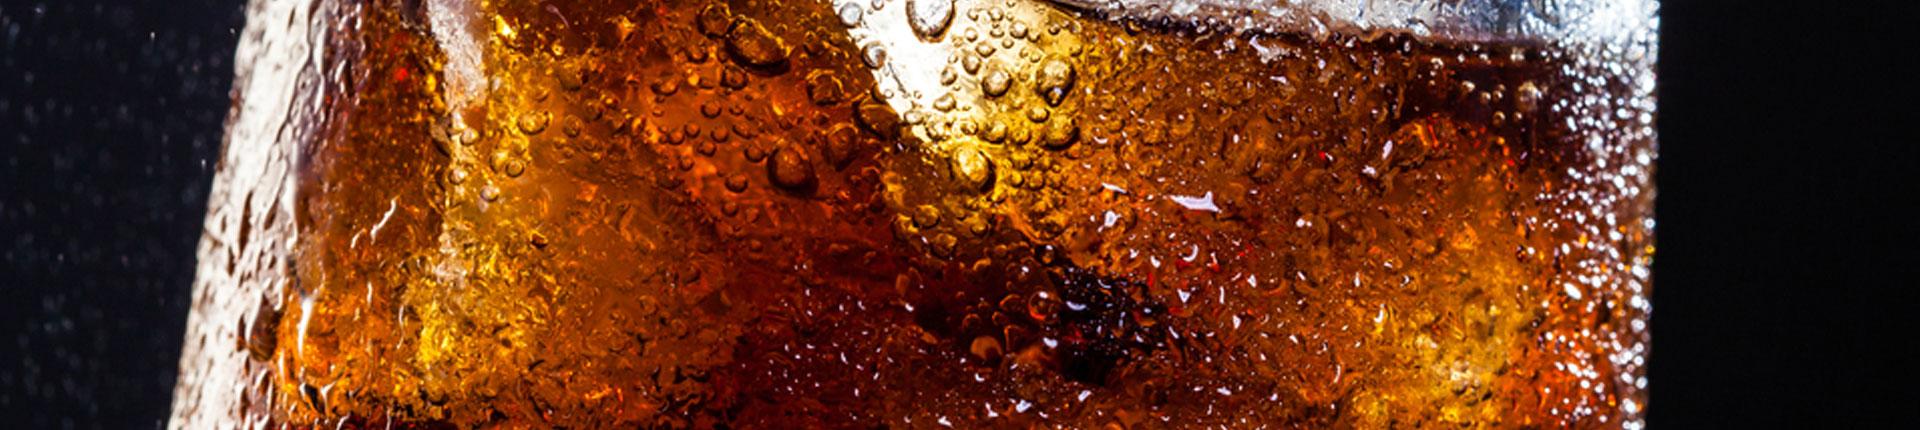 Napoje typu cola powodują choroby autoimmunologiczne?